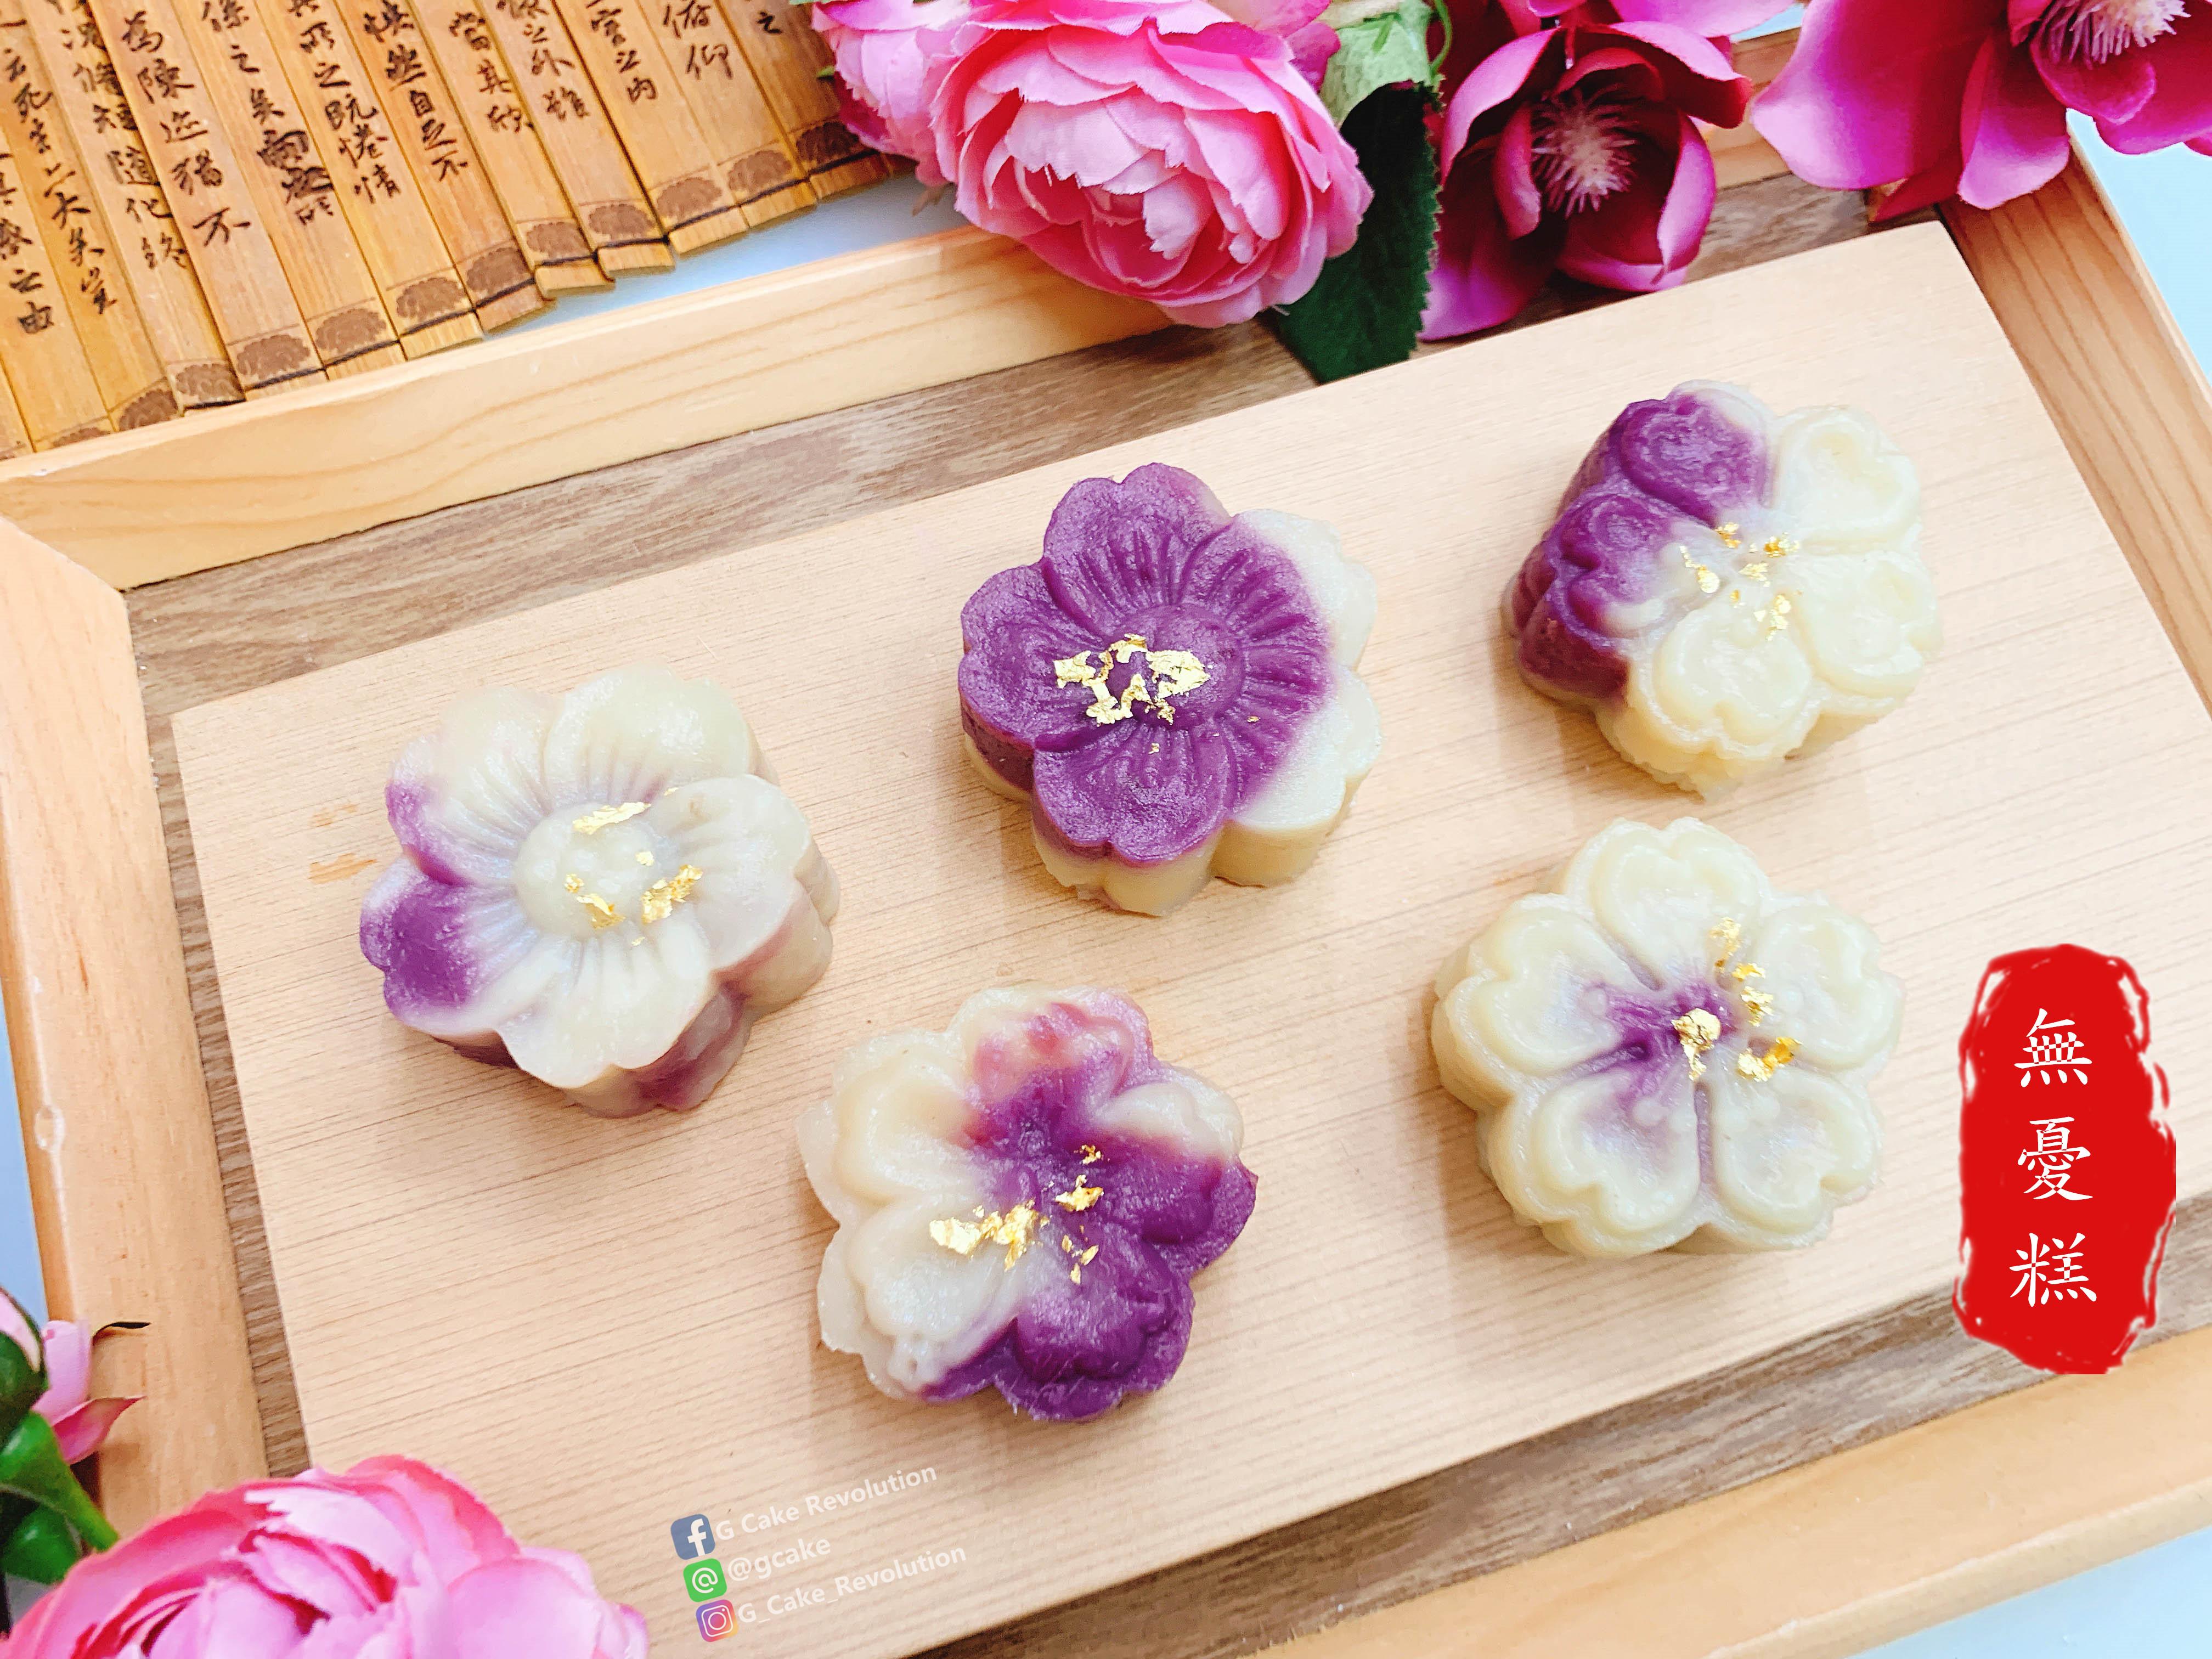 【無憂糕】紫薯山藥糕 神仙的糕點 忘憂糕